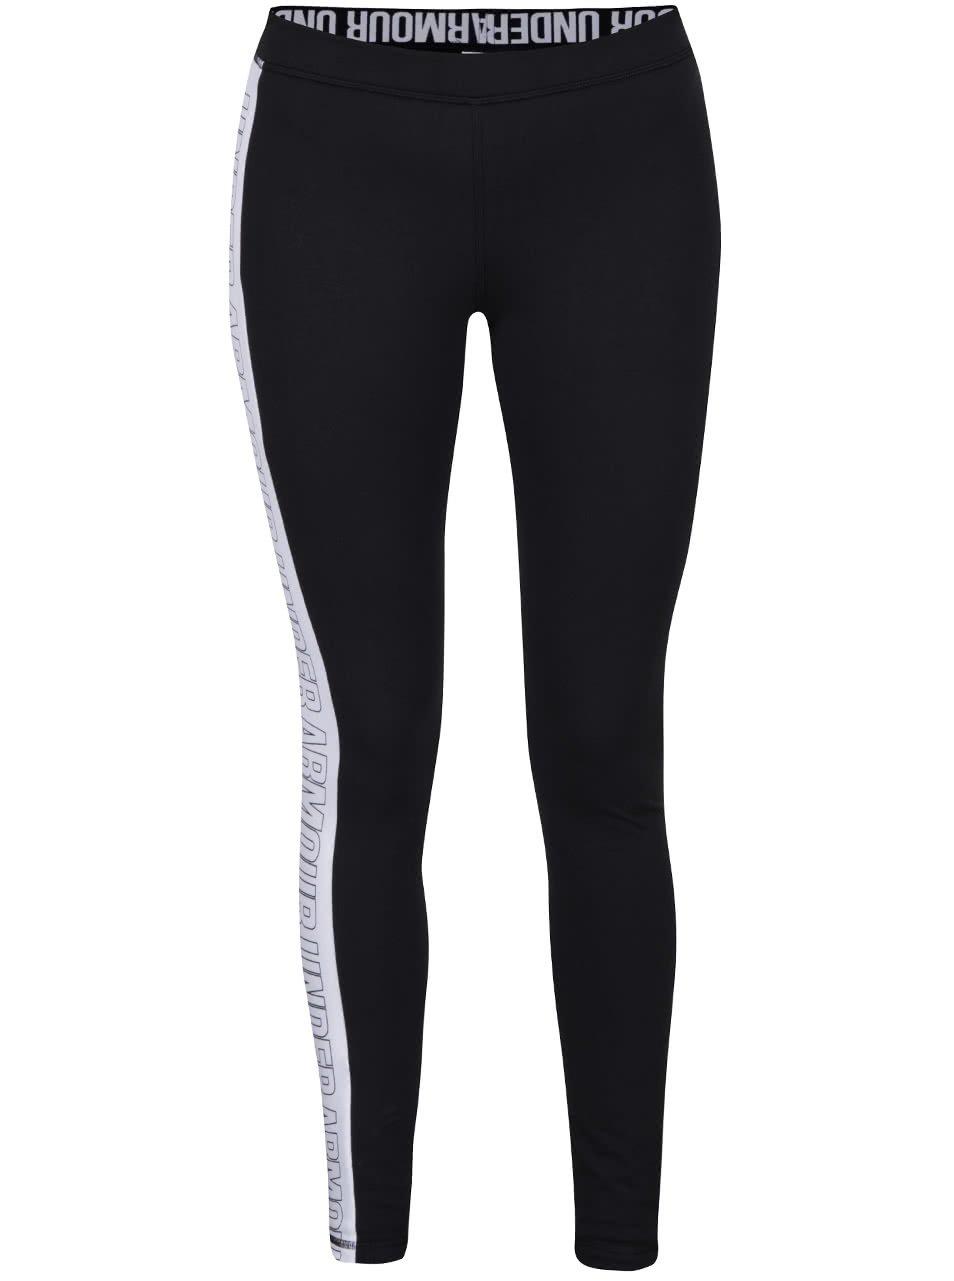 Černé dámské sportovní legíny Under Armour Favorite Legging - Graphic